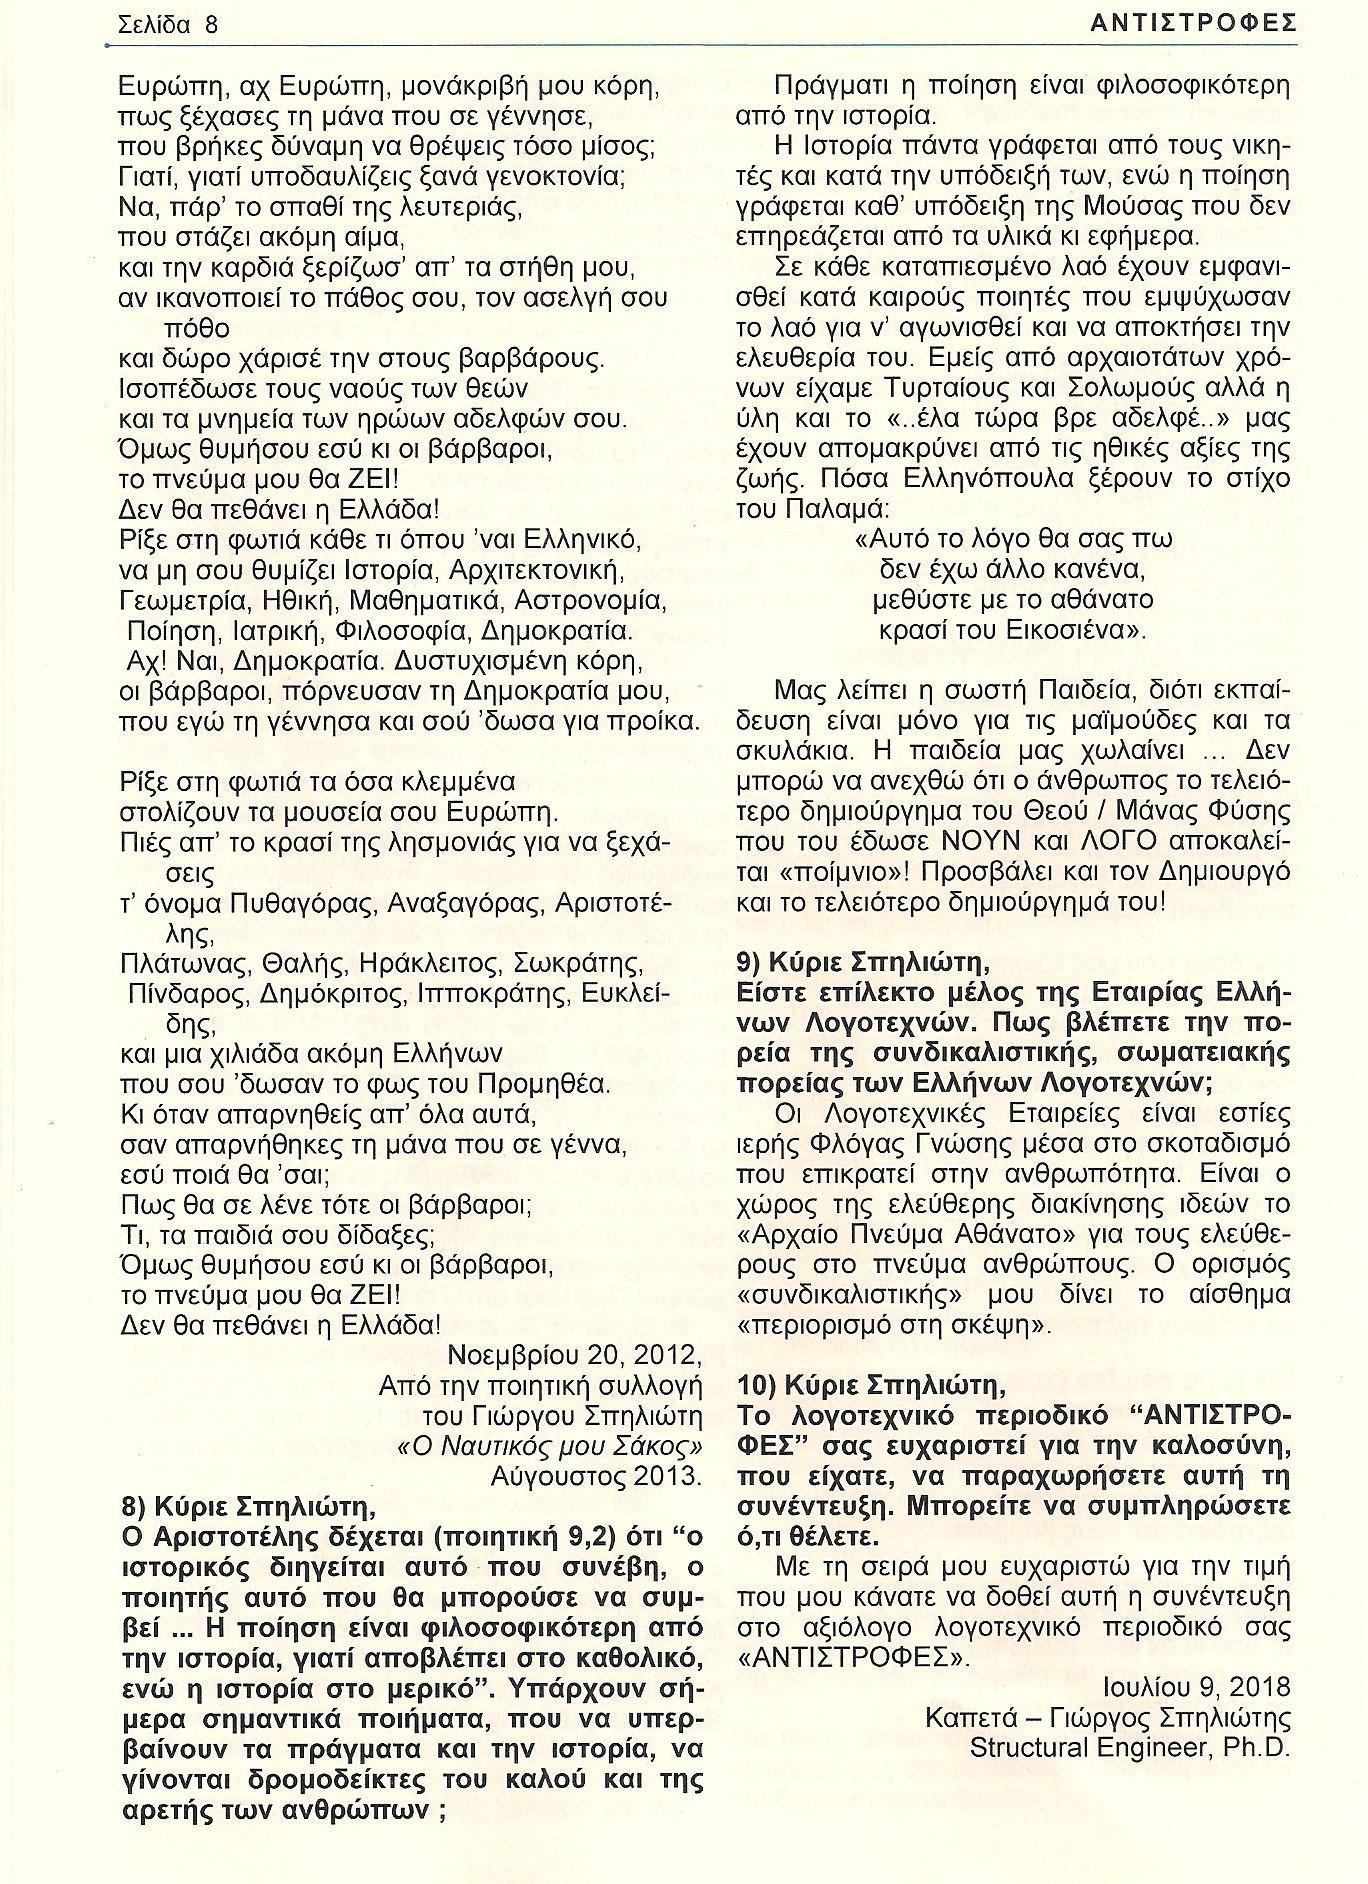 ΣΥΝΕΝΤΕΥΞΗ ΣΠΗΛΙΩΤΗ  ΣΤΟ  ΑΝΤΙΣΤΡΟΦΕΣ ΣΕΛ.6.jpg